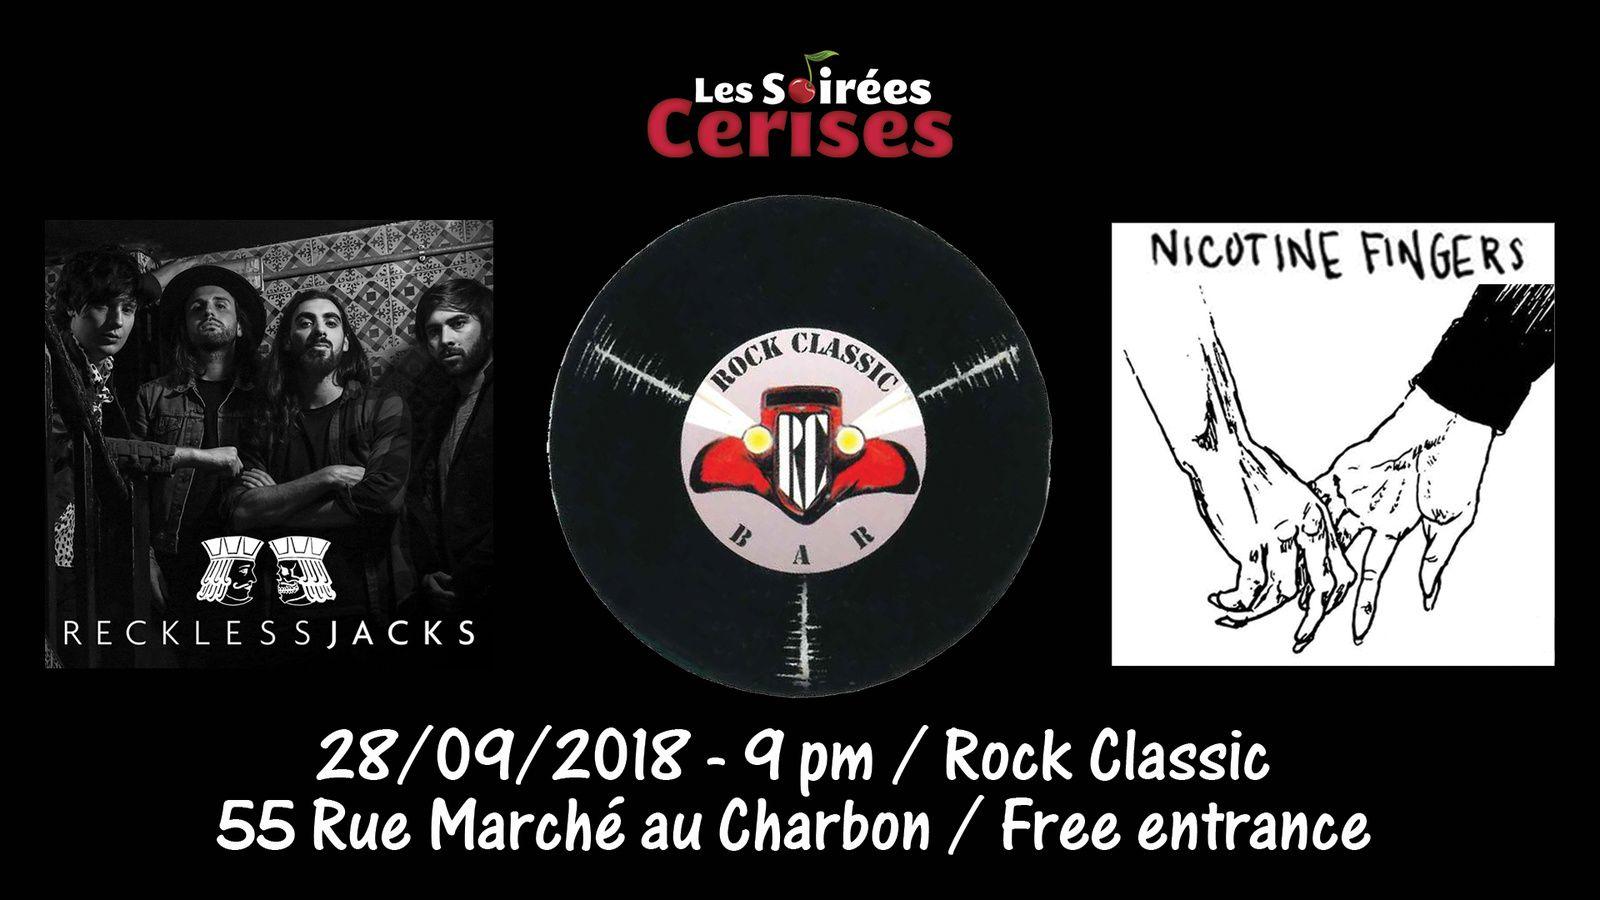 ▶ Reckless Jacks (UK) + Nicotine fingers @ Rock Classic - 28/09/2018 - 21h00 - Entrée gratuite / Free entrance